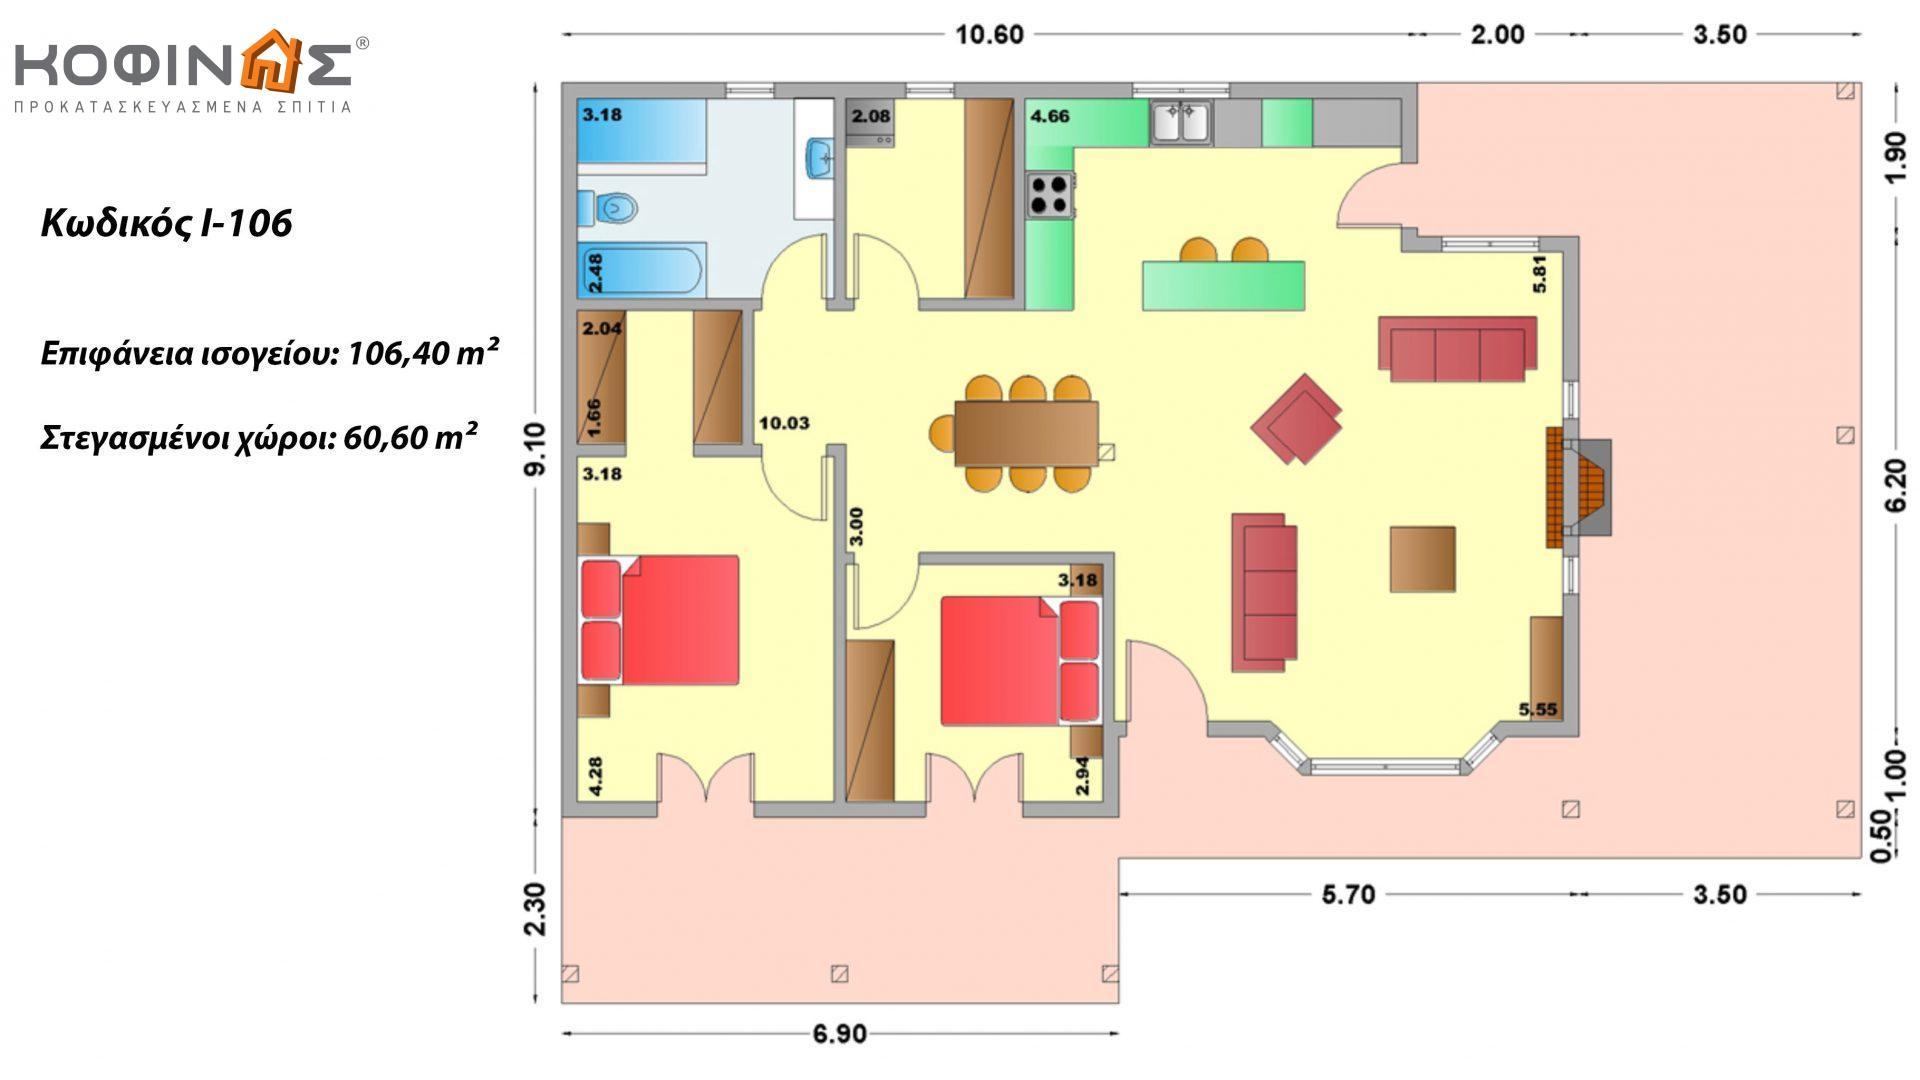 Ισόγεια Κατοικία I-106 συνολικής επιφάνειας 106,40 τ.μ., στεγασμένοι χώροι 60,60 τ.μ